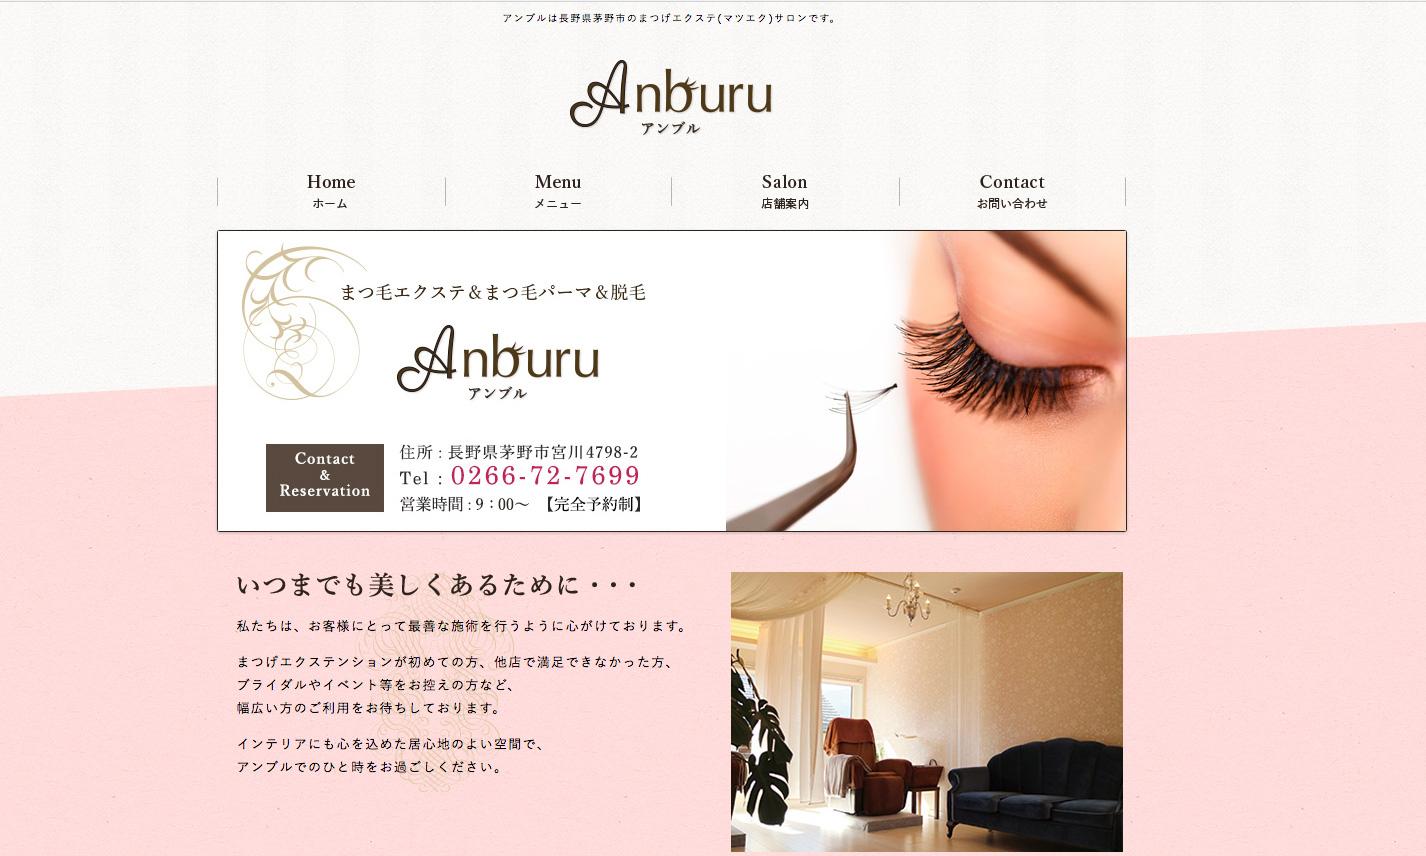 アンブル様のホームページができました。